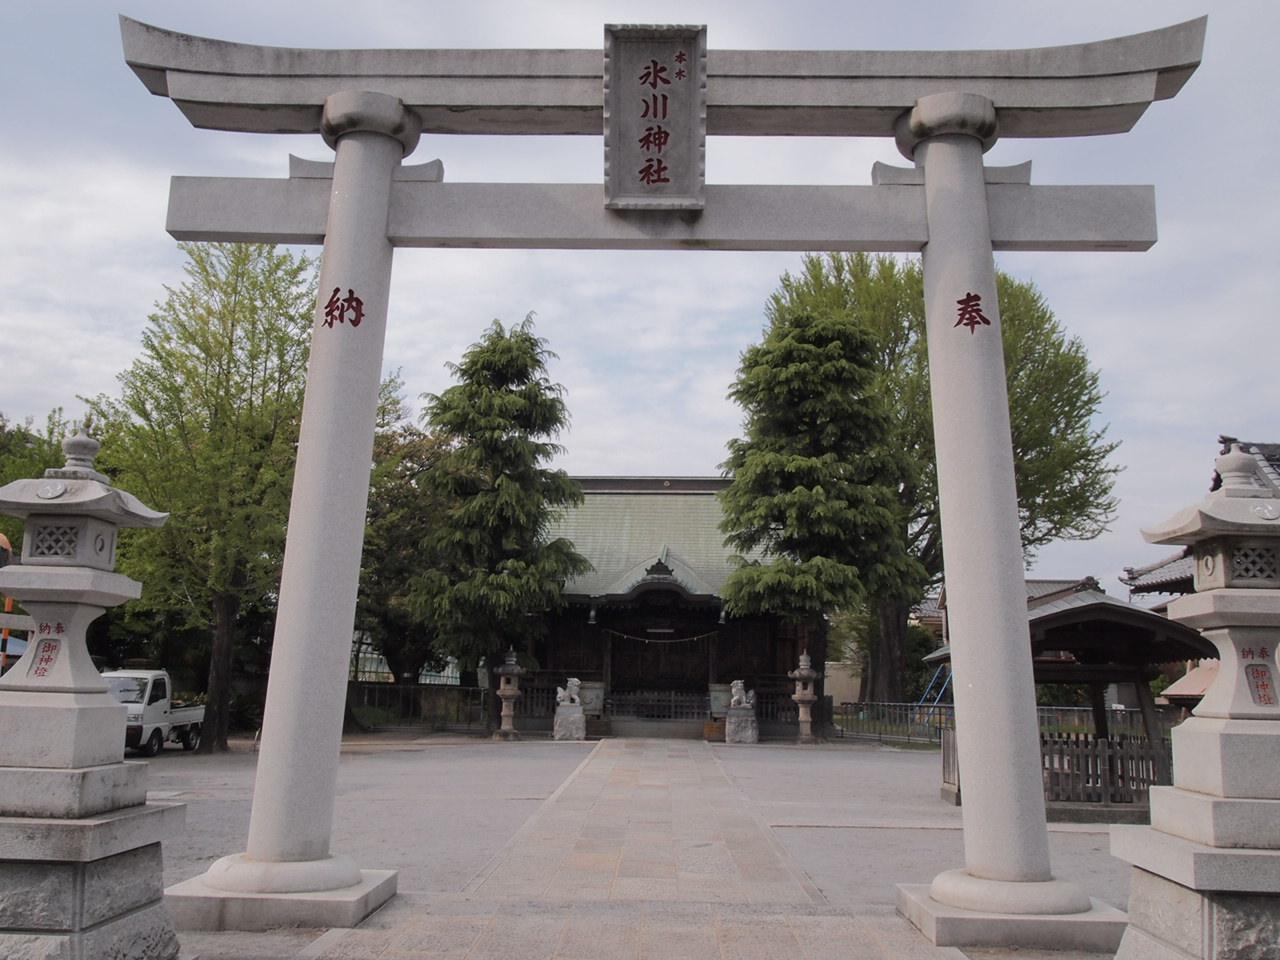 足立区興野町の隣町/本木町を巡りました。_a0214329_0125355.jpg